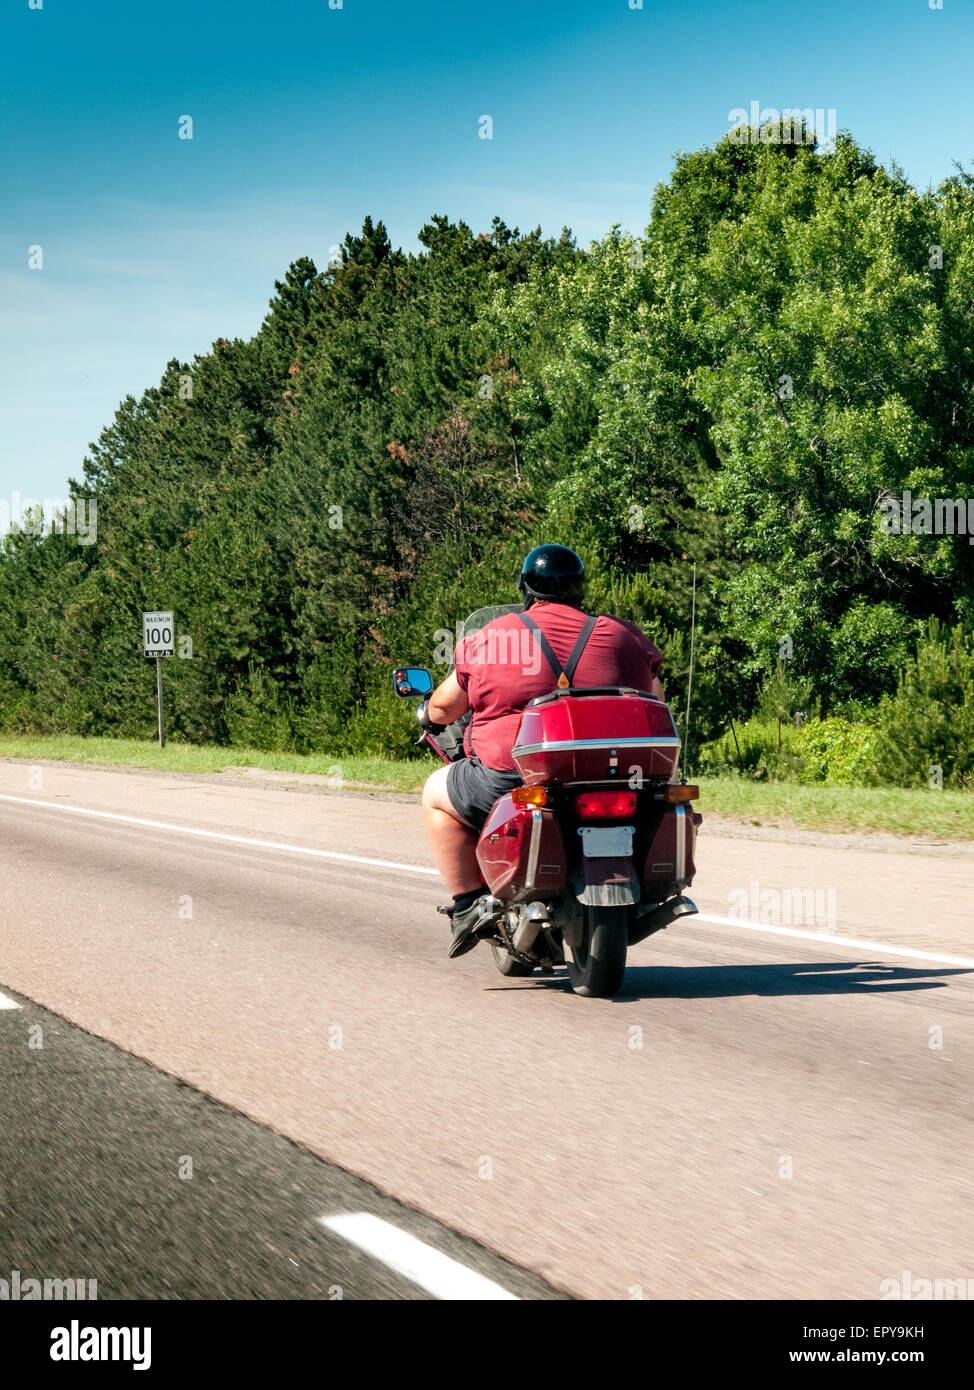 Dicker Mann auf einem Motorrad Stockfoto, Bild: 82964213